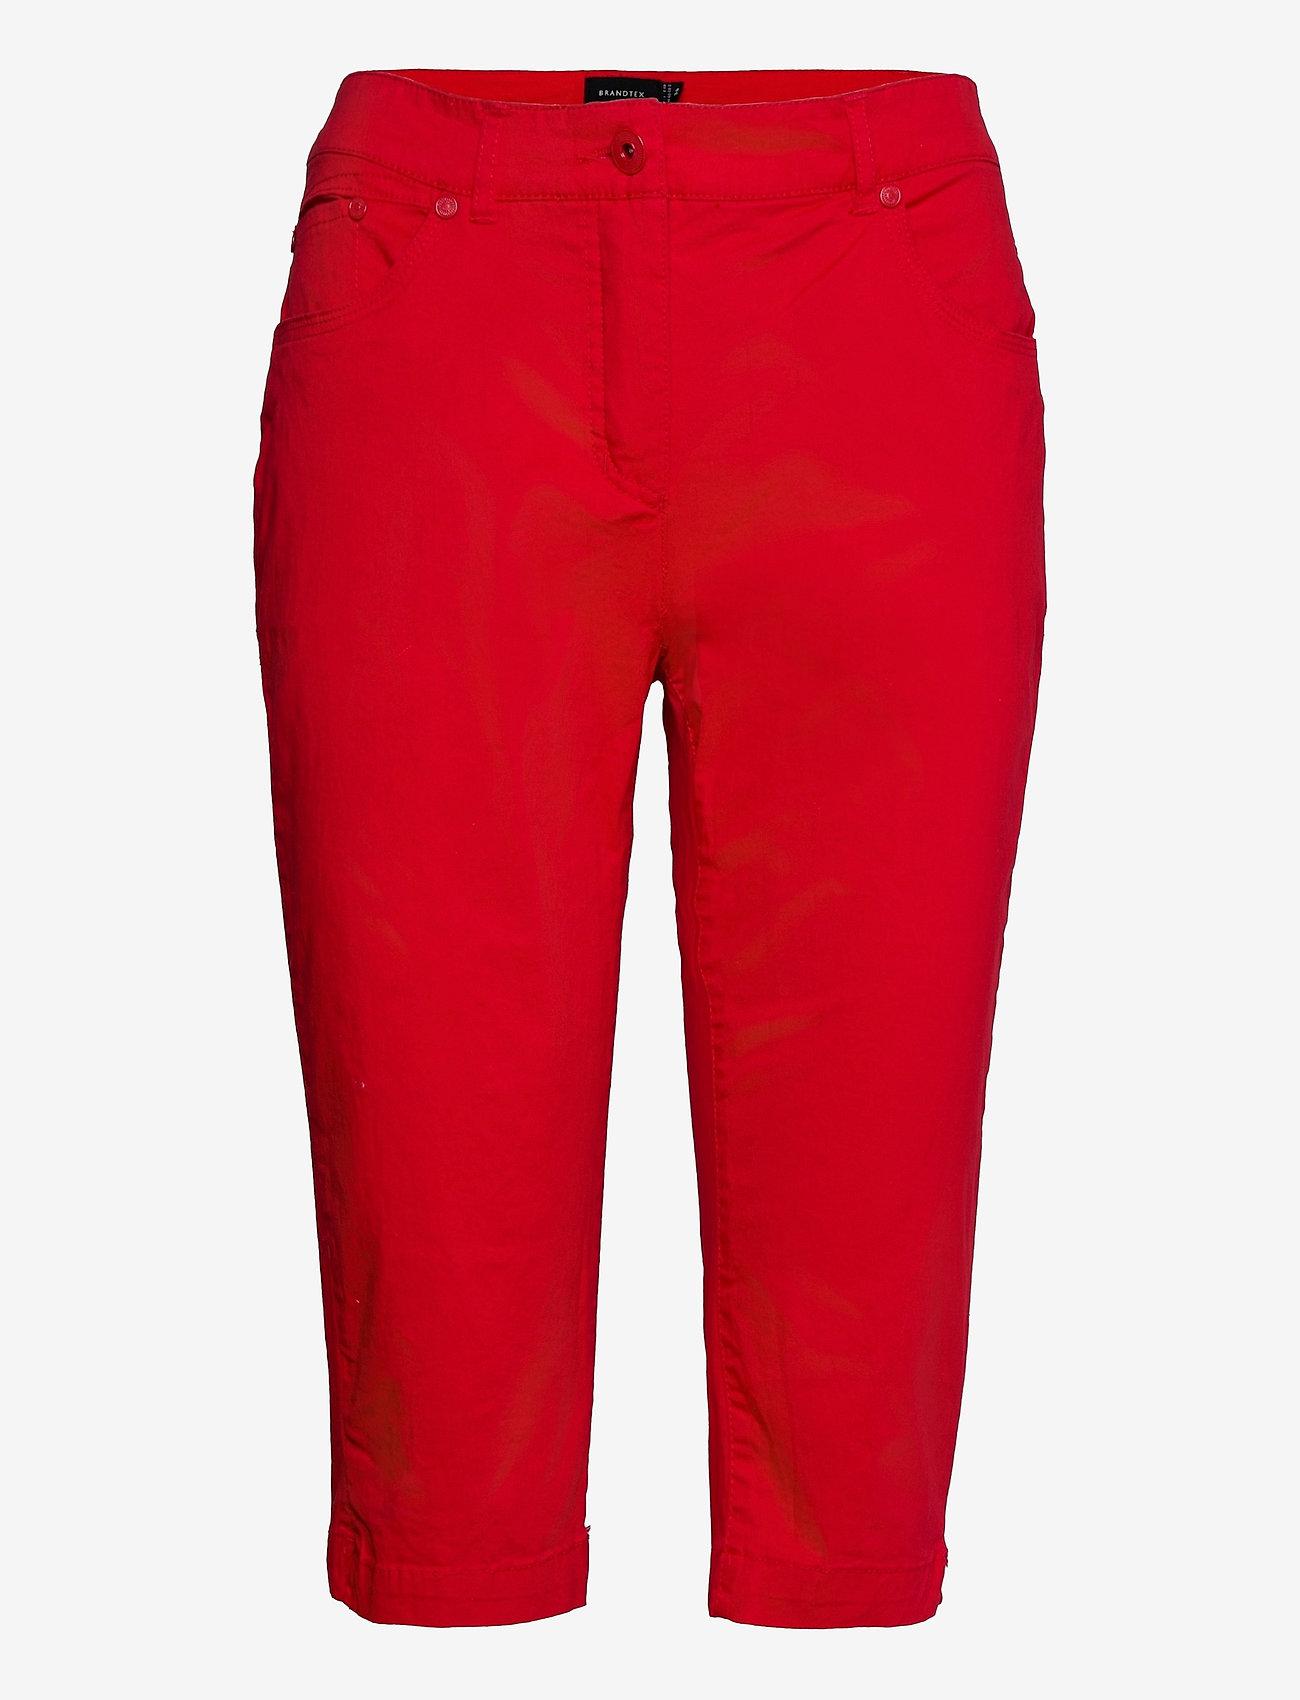 Brandtex - Capri pants - pantalons capri - racing red - 1